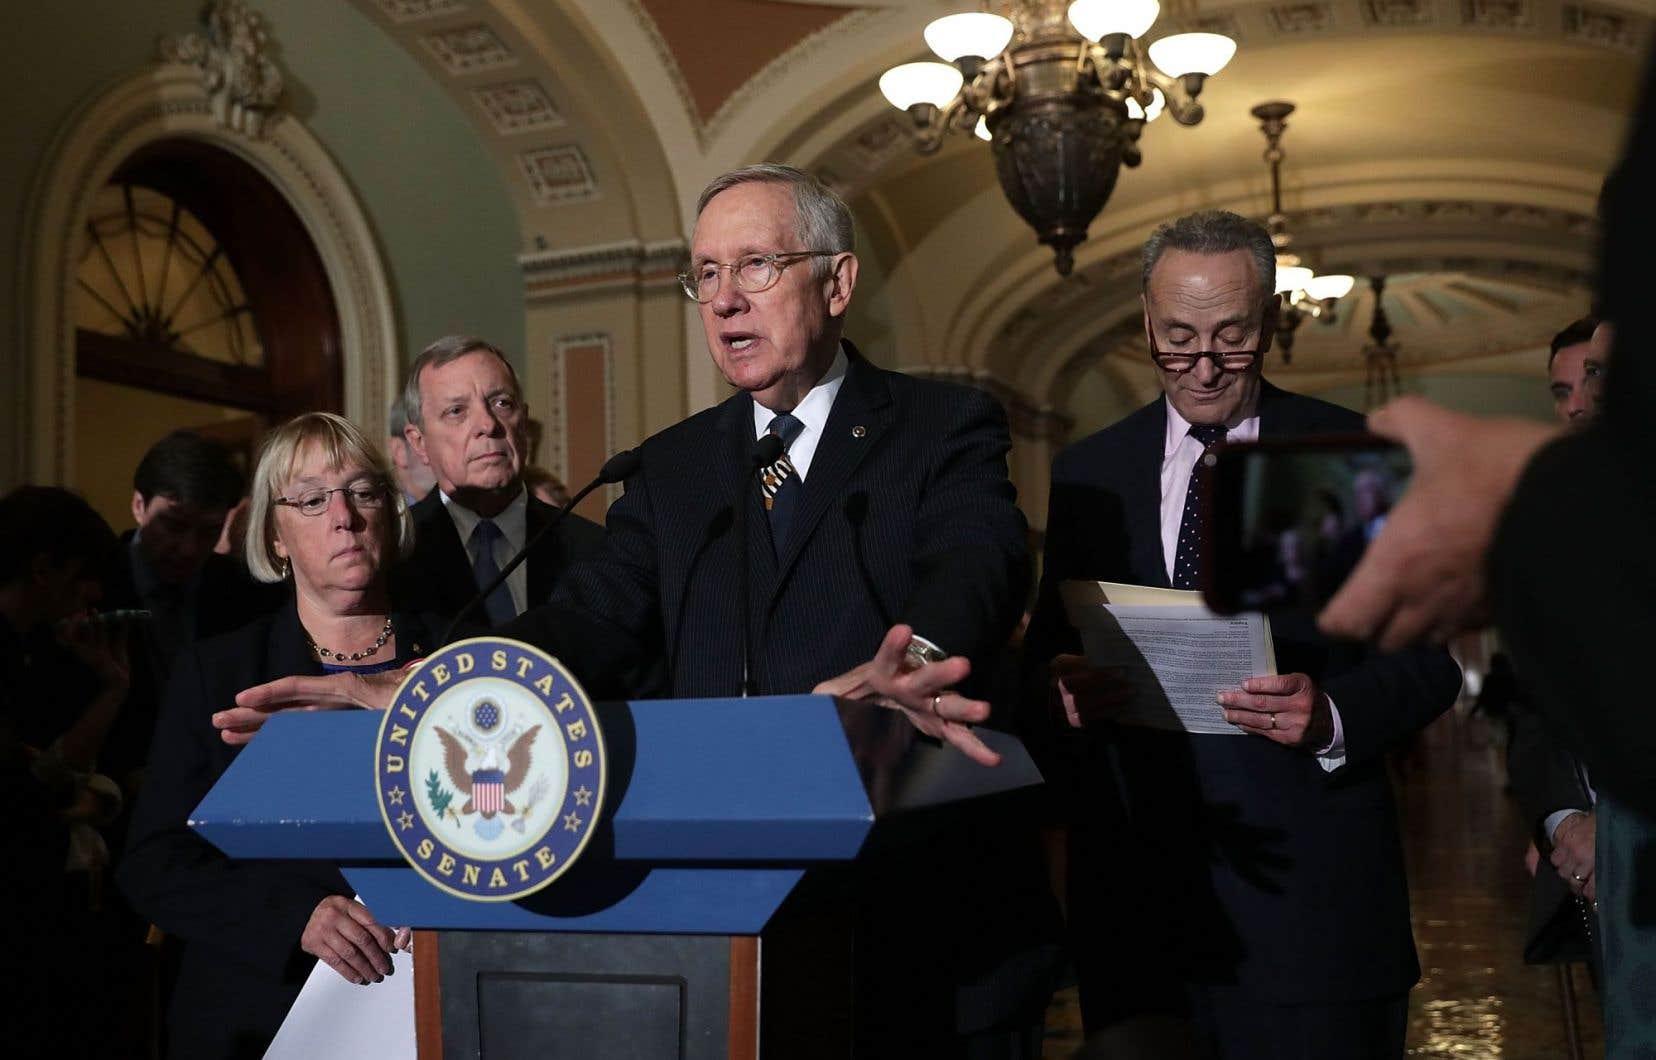 Le chef de la minorité démocrate à la Chambre haute,Harry Reid